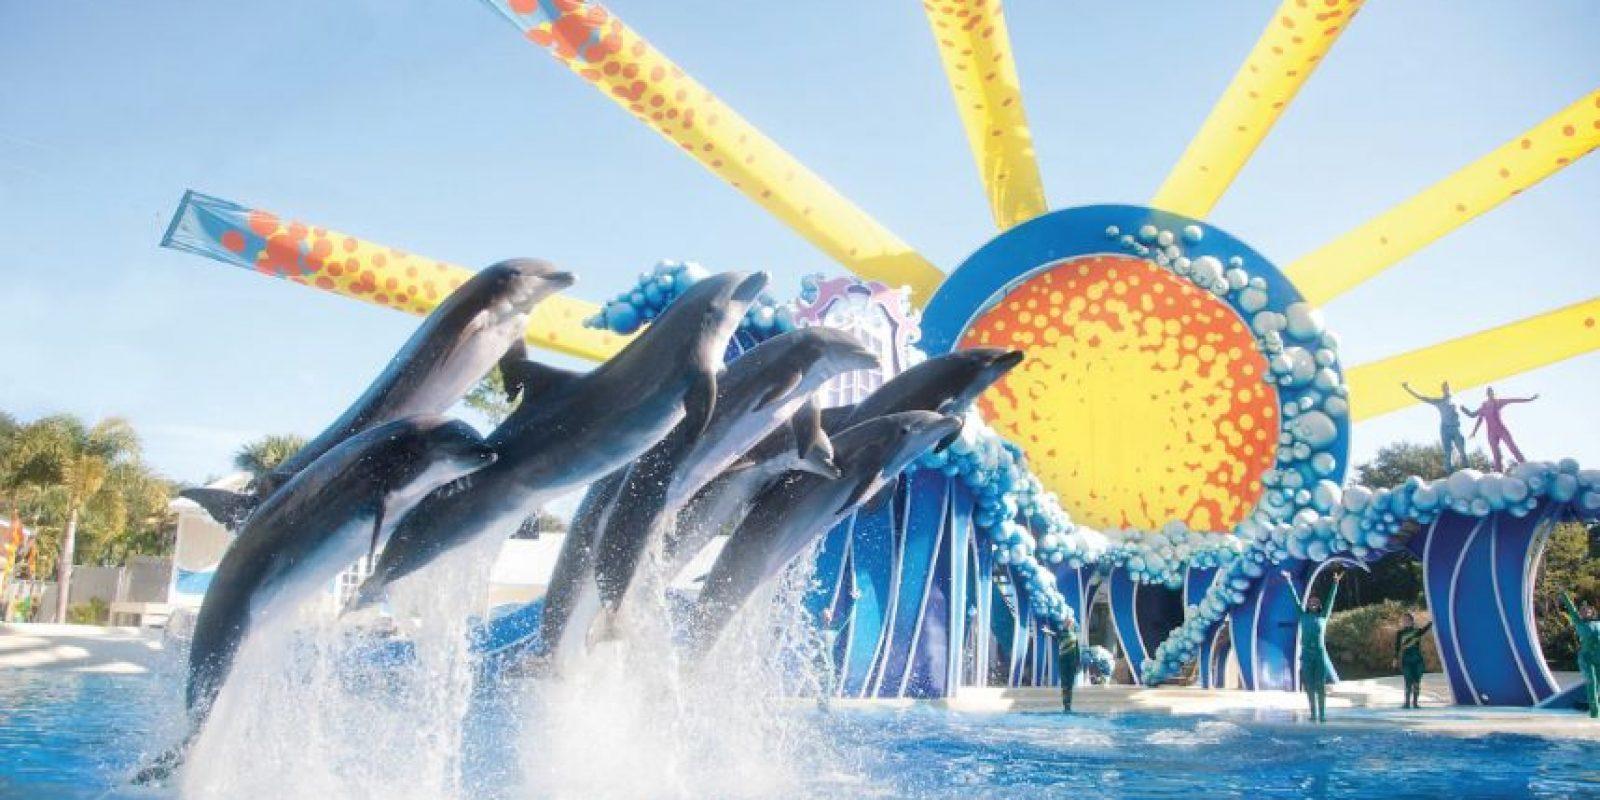 Es por eso que activistas a favor de los derechos animales luchan por suspender este tipo de espectáculos y han protegido a otros animales. Foto:Vía facebook.com/SeaWorld